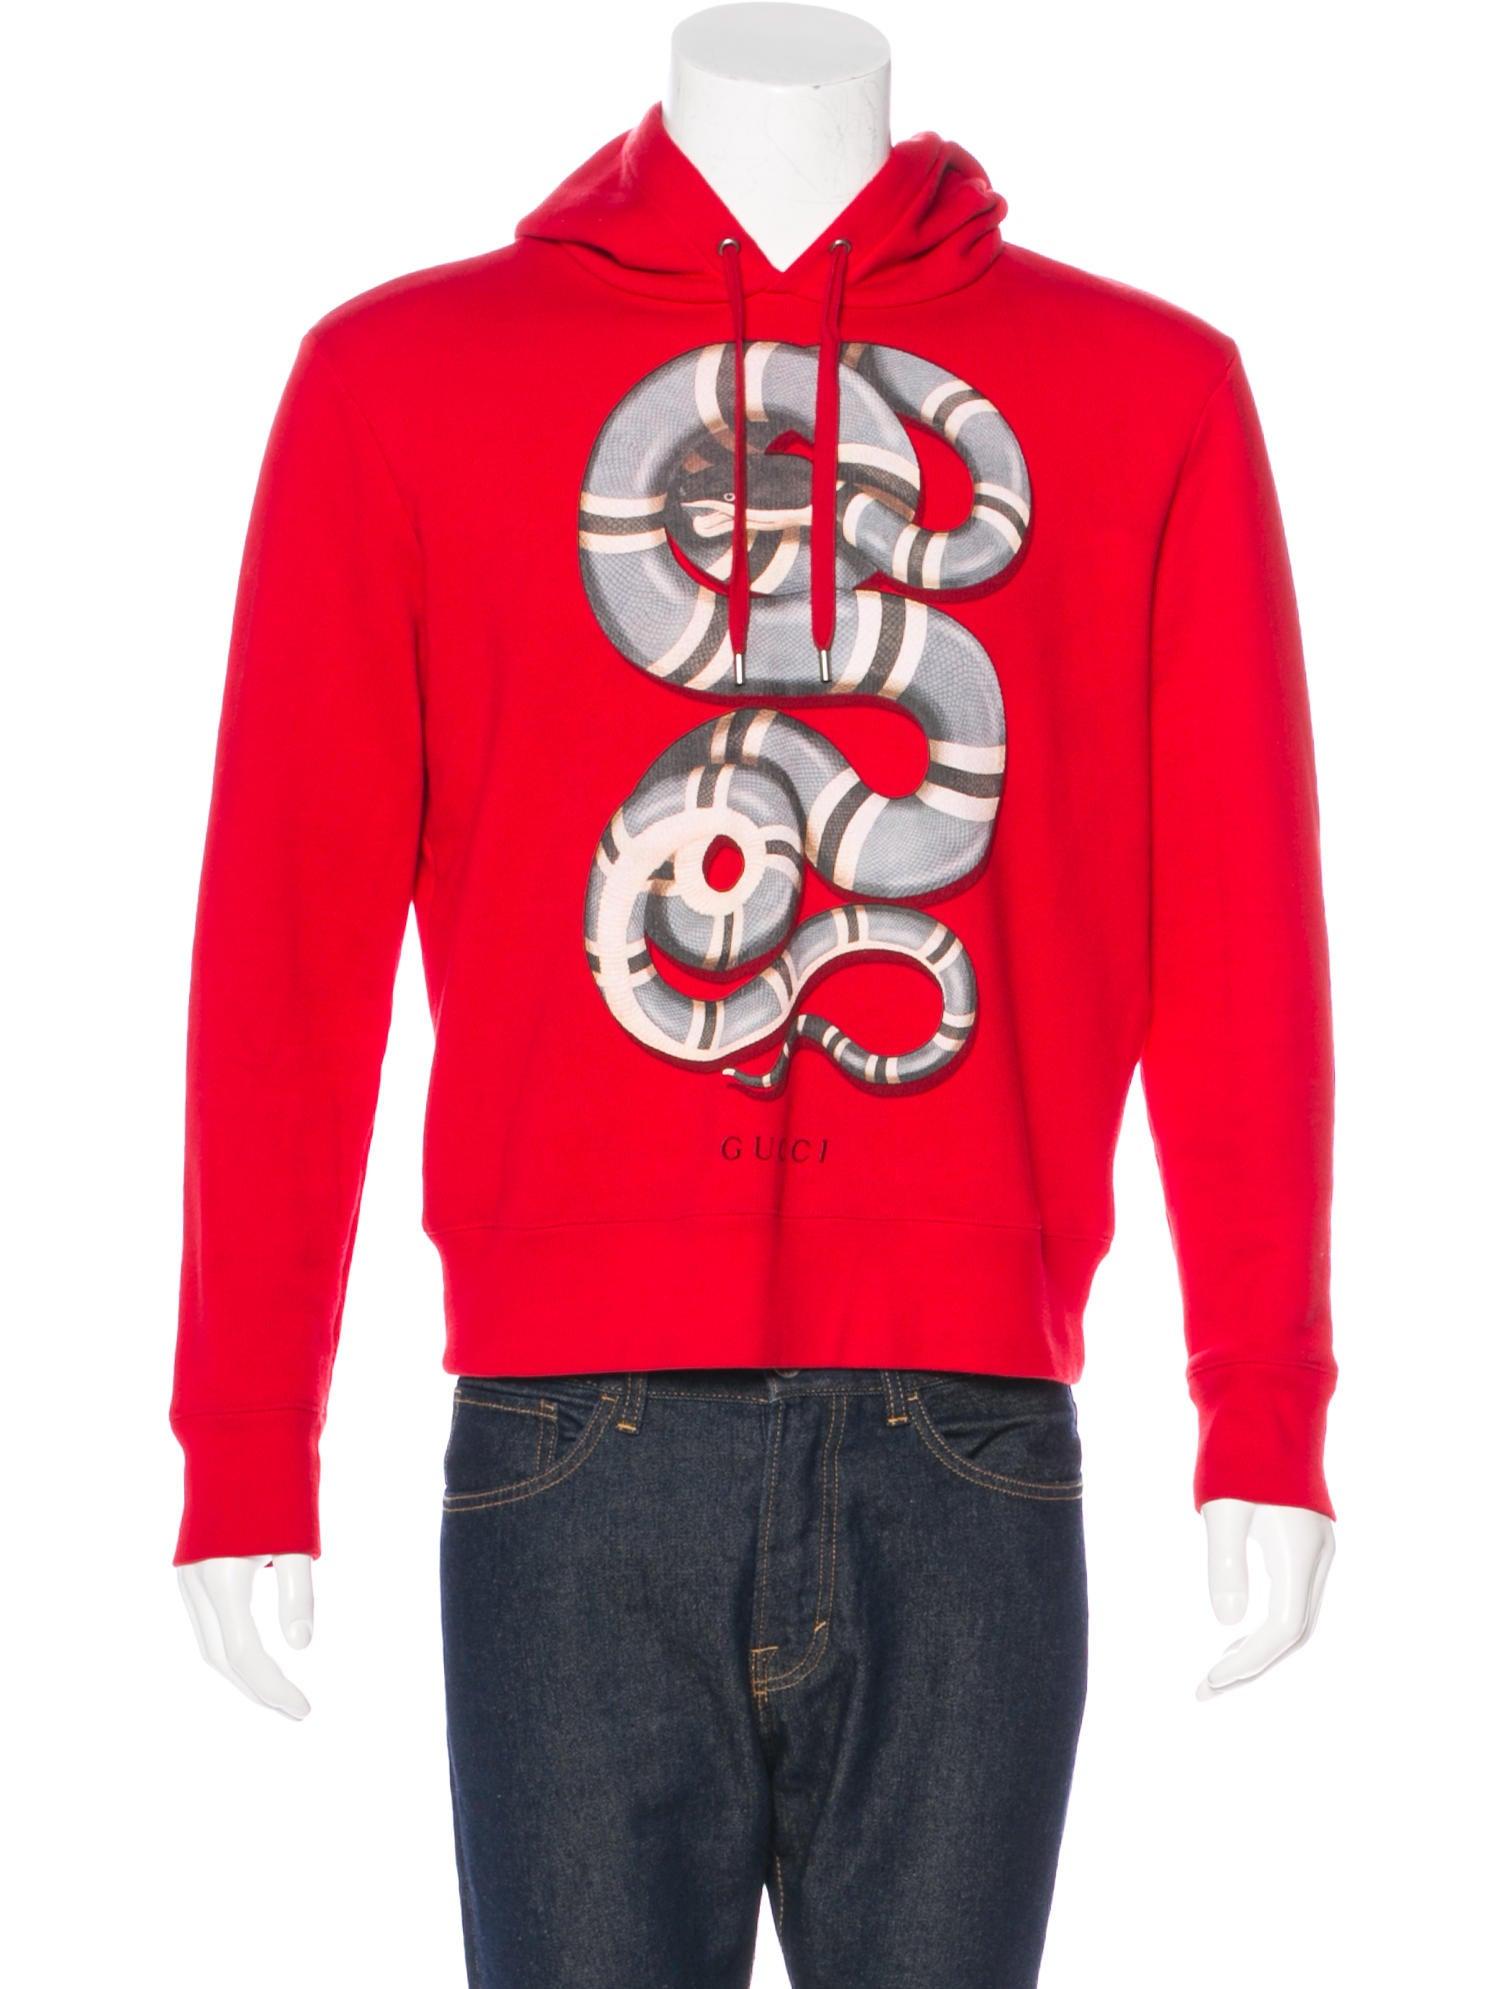 8f478d6ecf1 Gucci 2016 Kingsnake Hoodie - Clothing - GUC180260